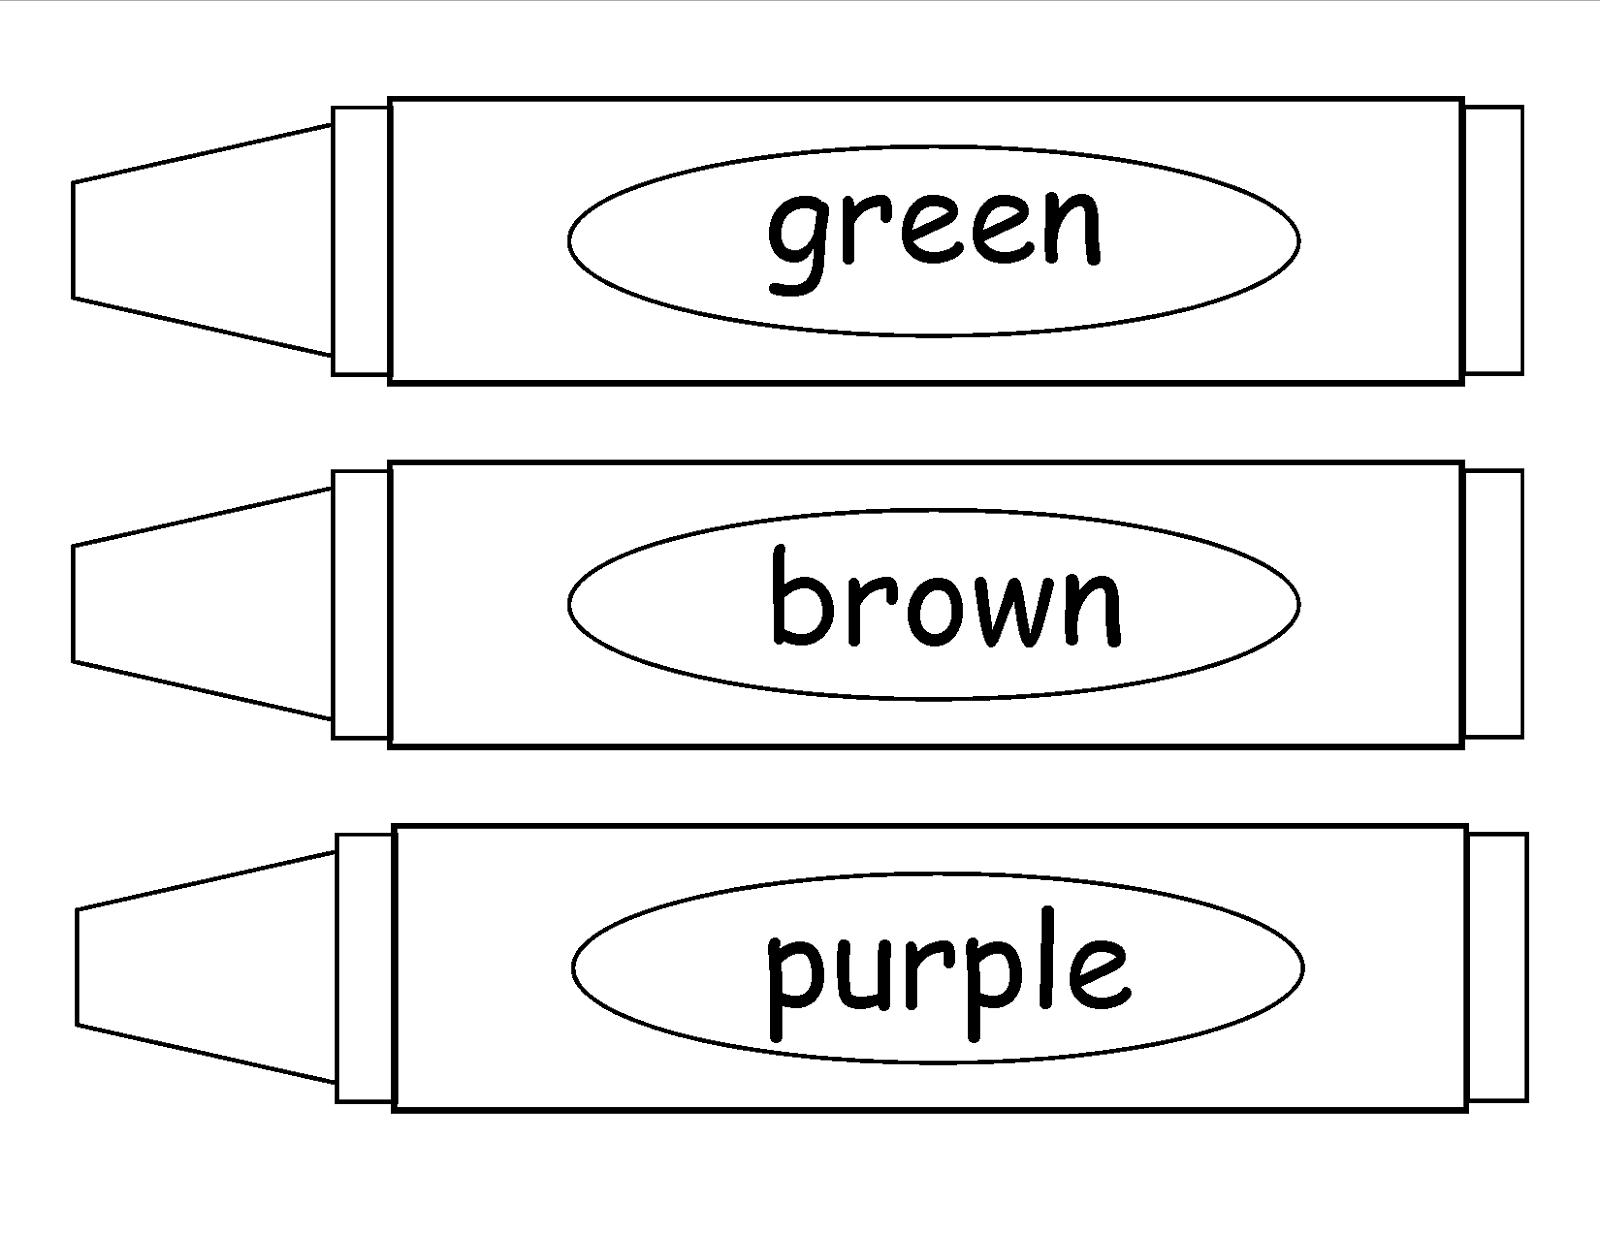 Crayola Crayon Outline